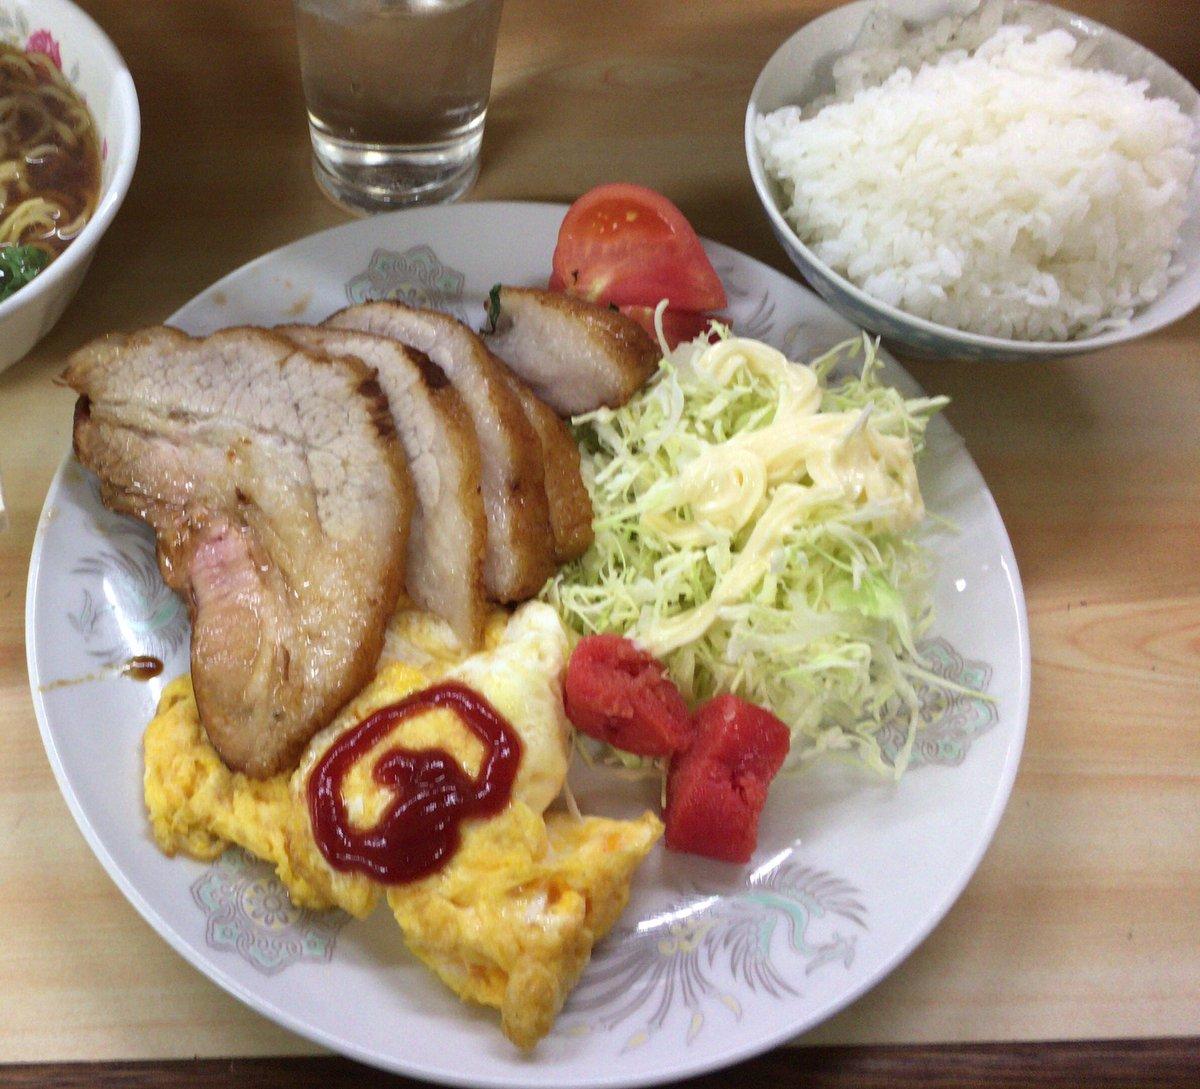 門前仲町の老夫婦がやっている定食屋、焼豚定食など大変に美味しく、付け合わせにも趣があり最初はほっこり…